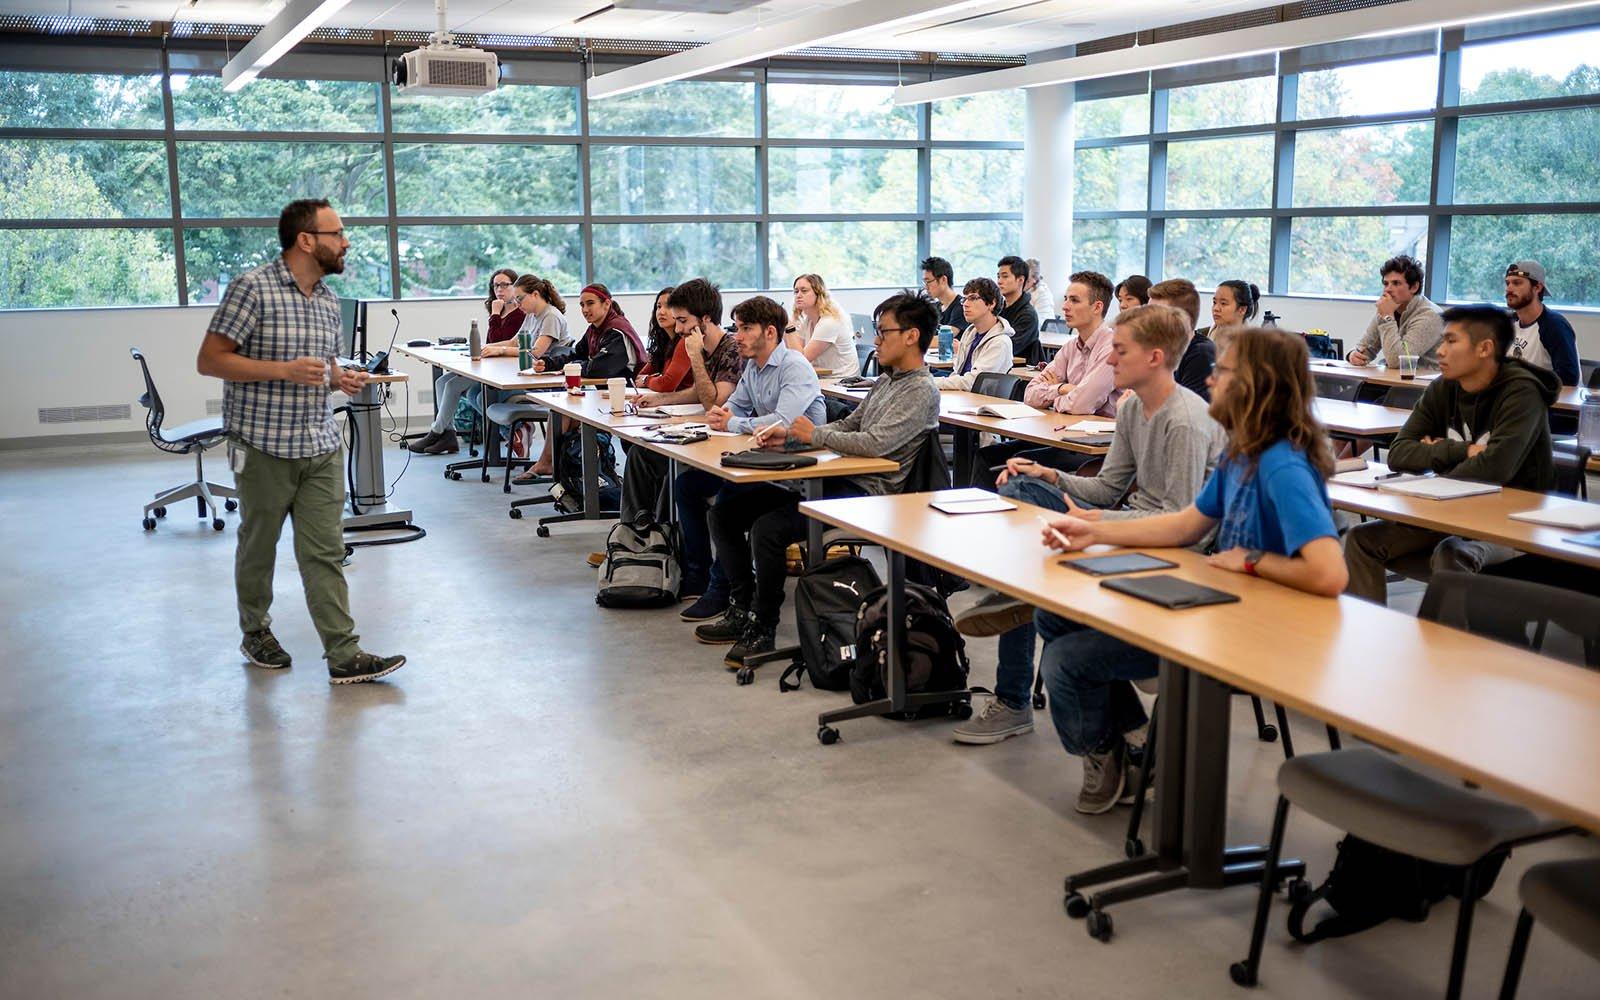 faculty teaching an class